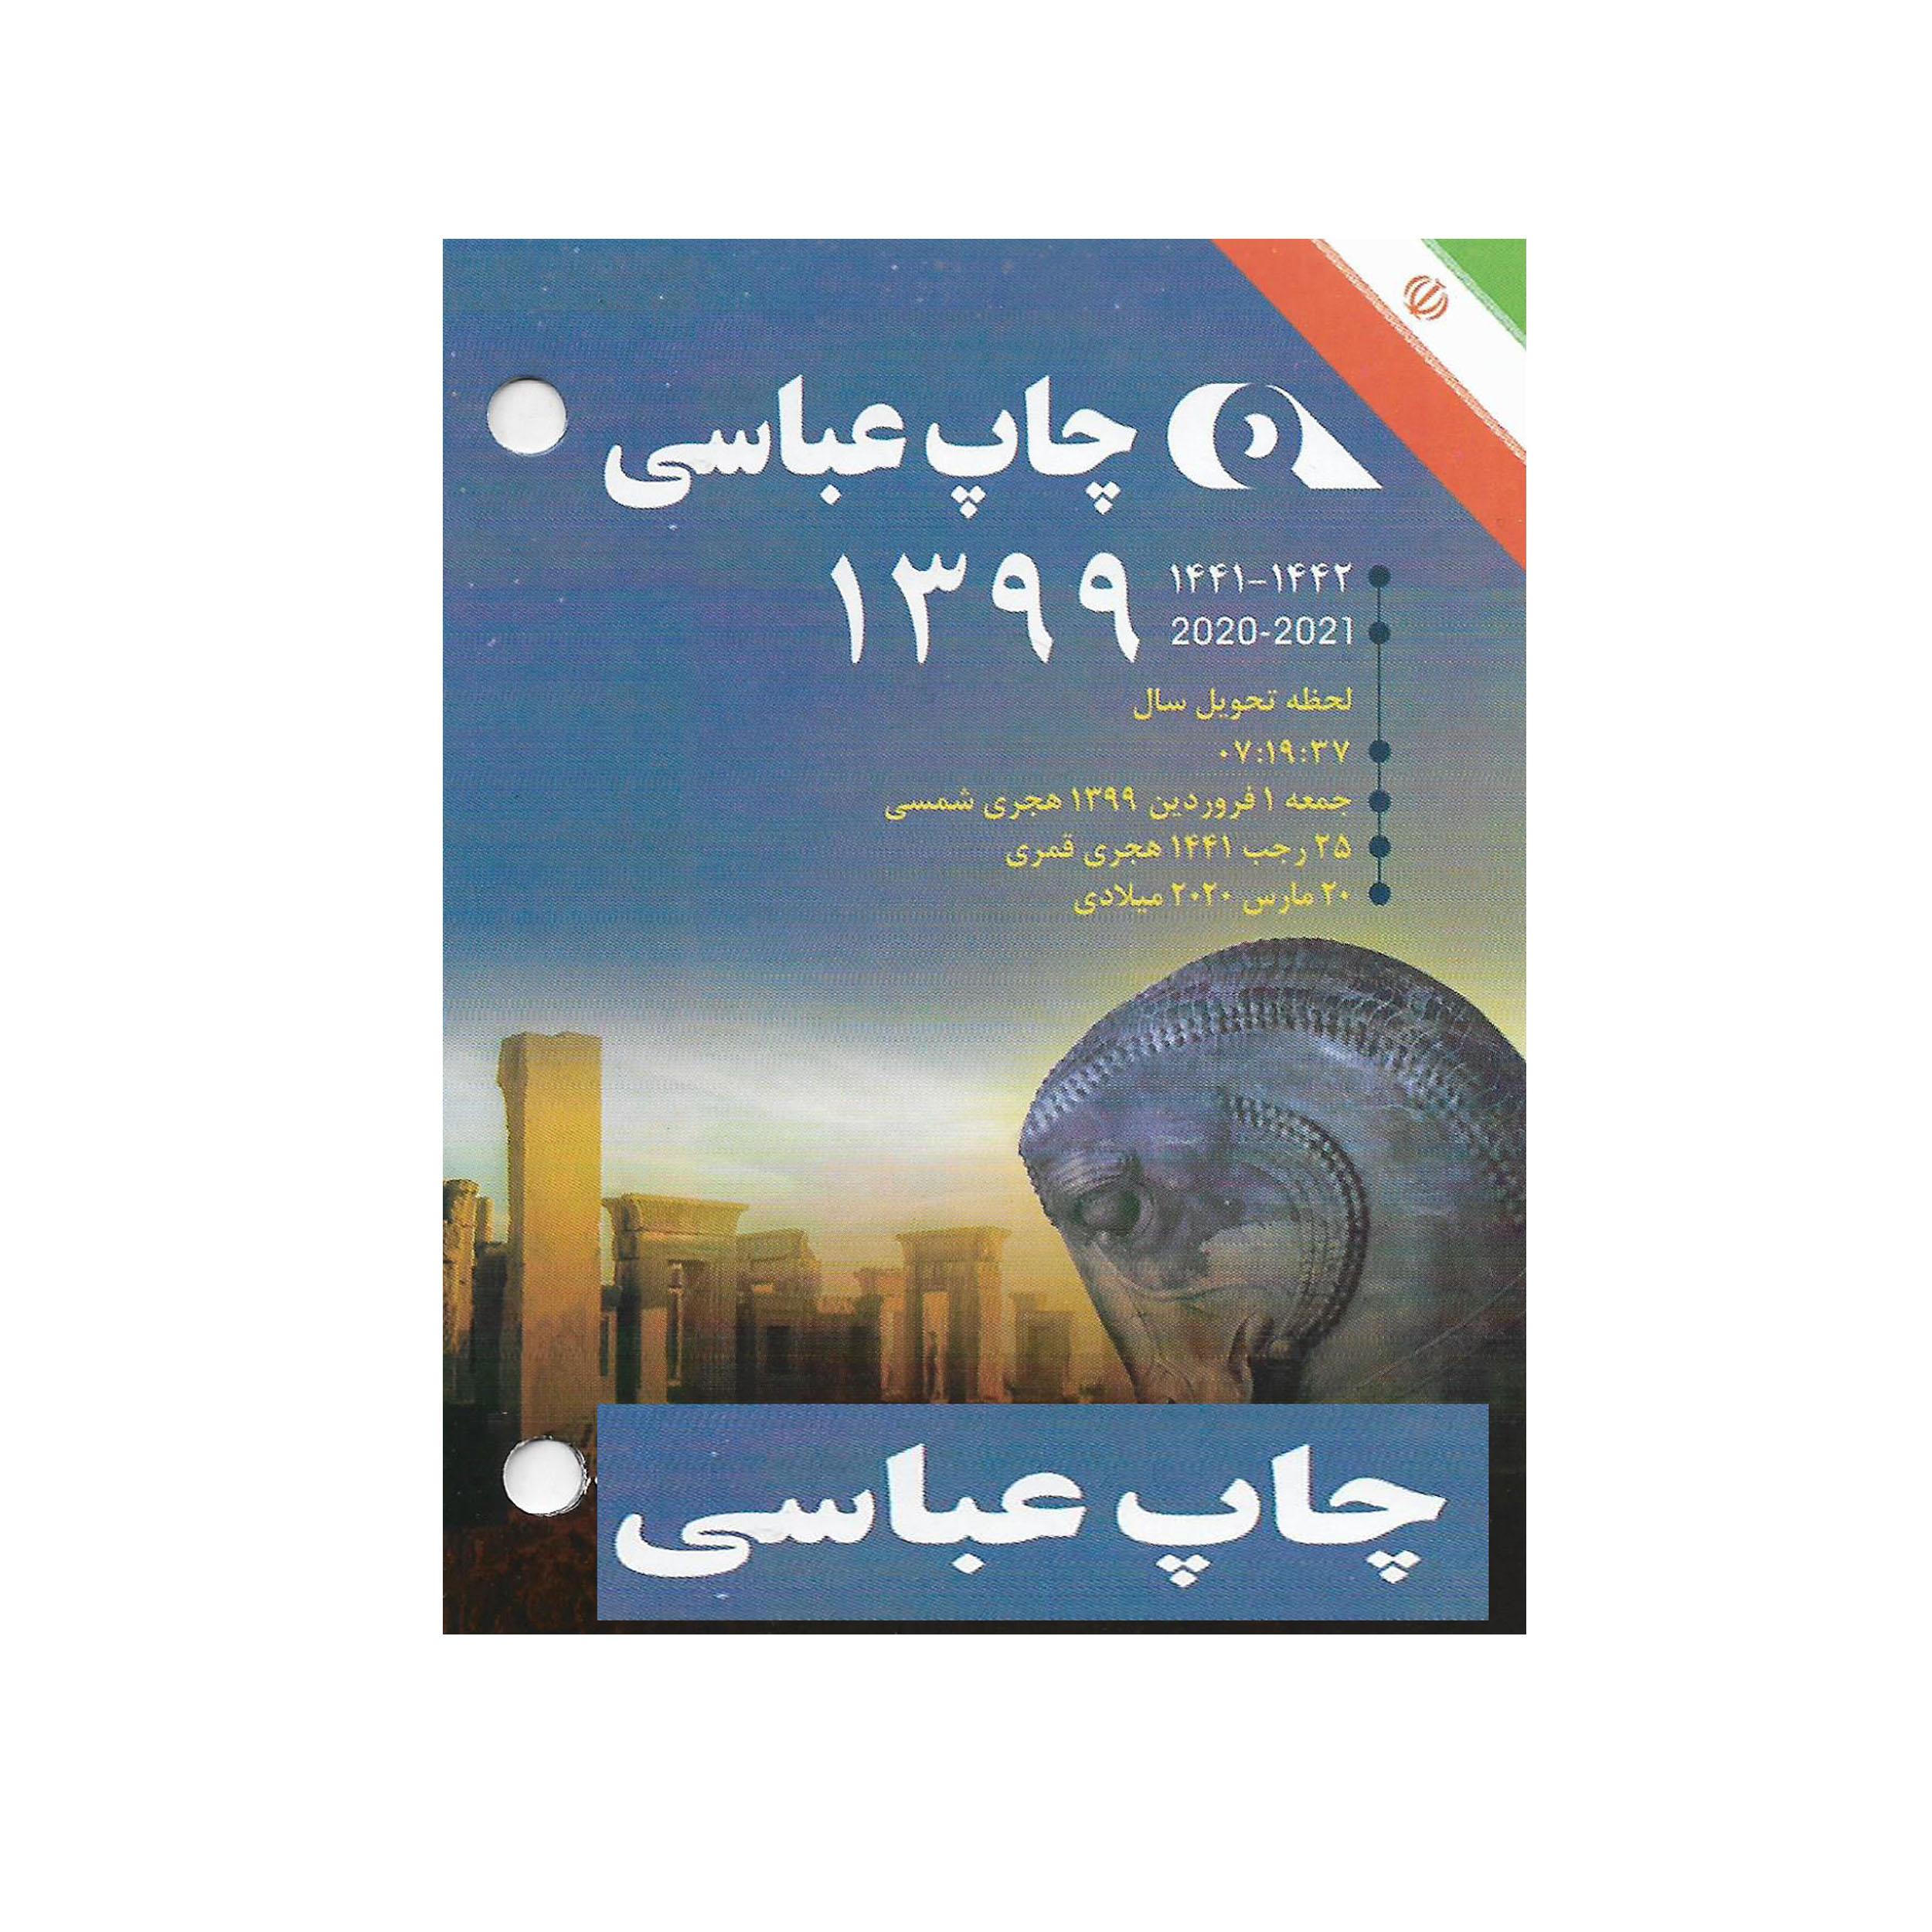 تقویم رومیزی سال 1399 عباسی مدل تاریخی کد A110